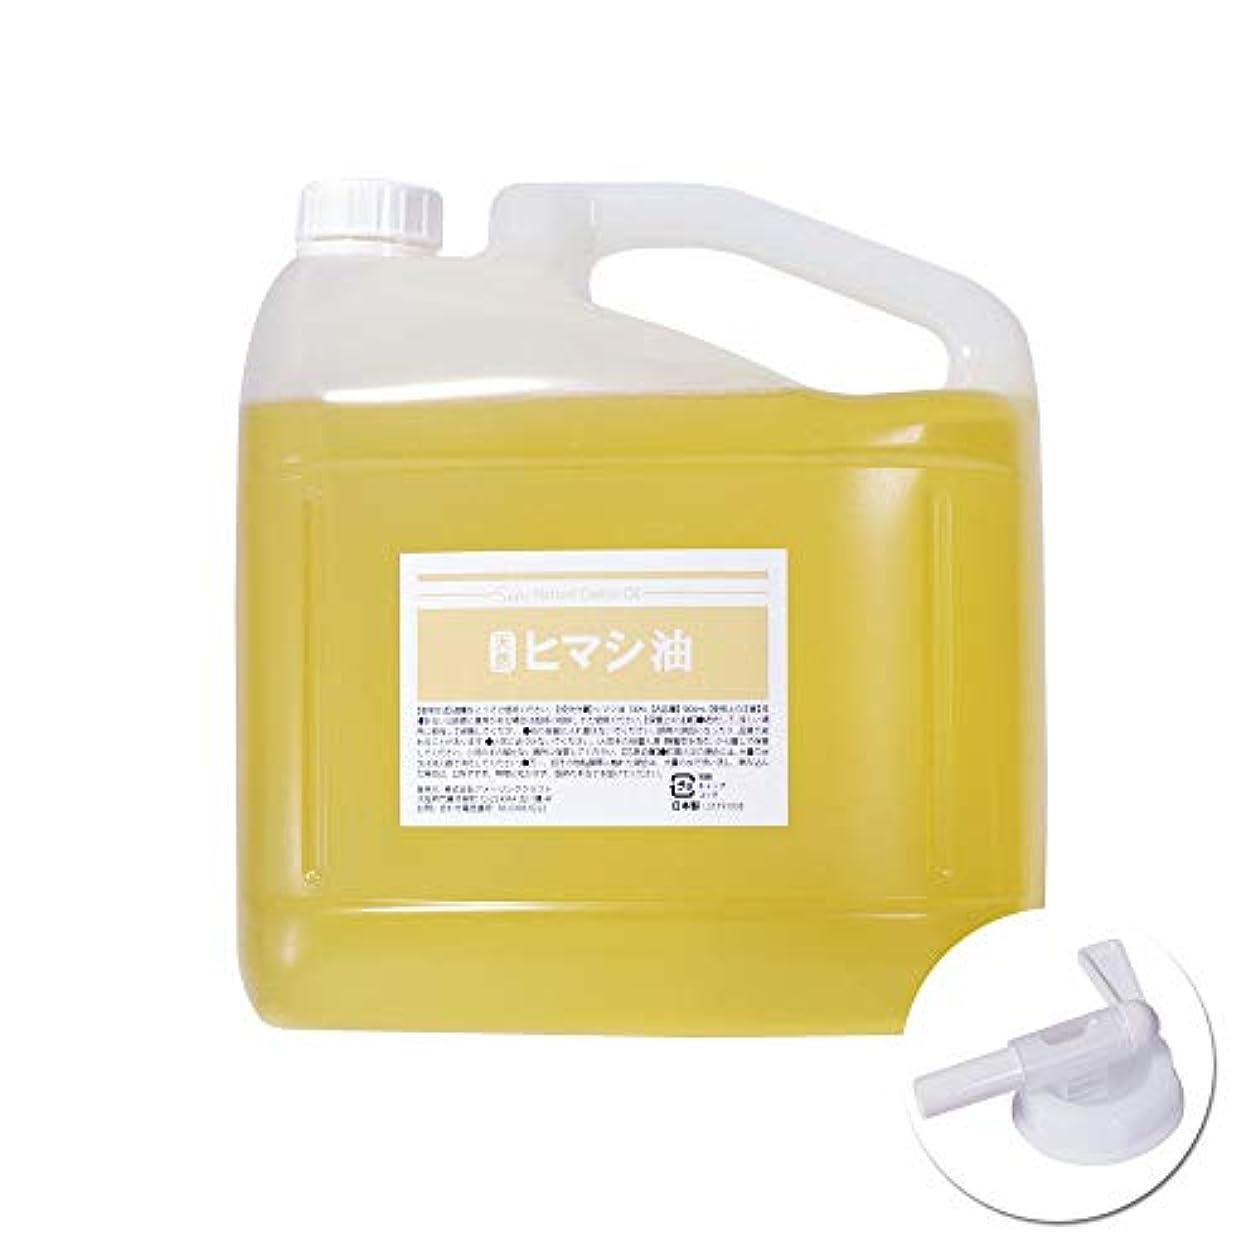 下手戻る眠っている天然無添加 国内精製 ひまし油 5000ml キャスターオイル ヒマシ油